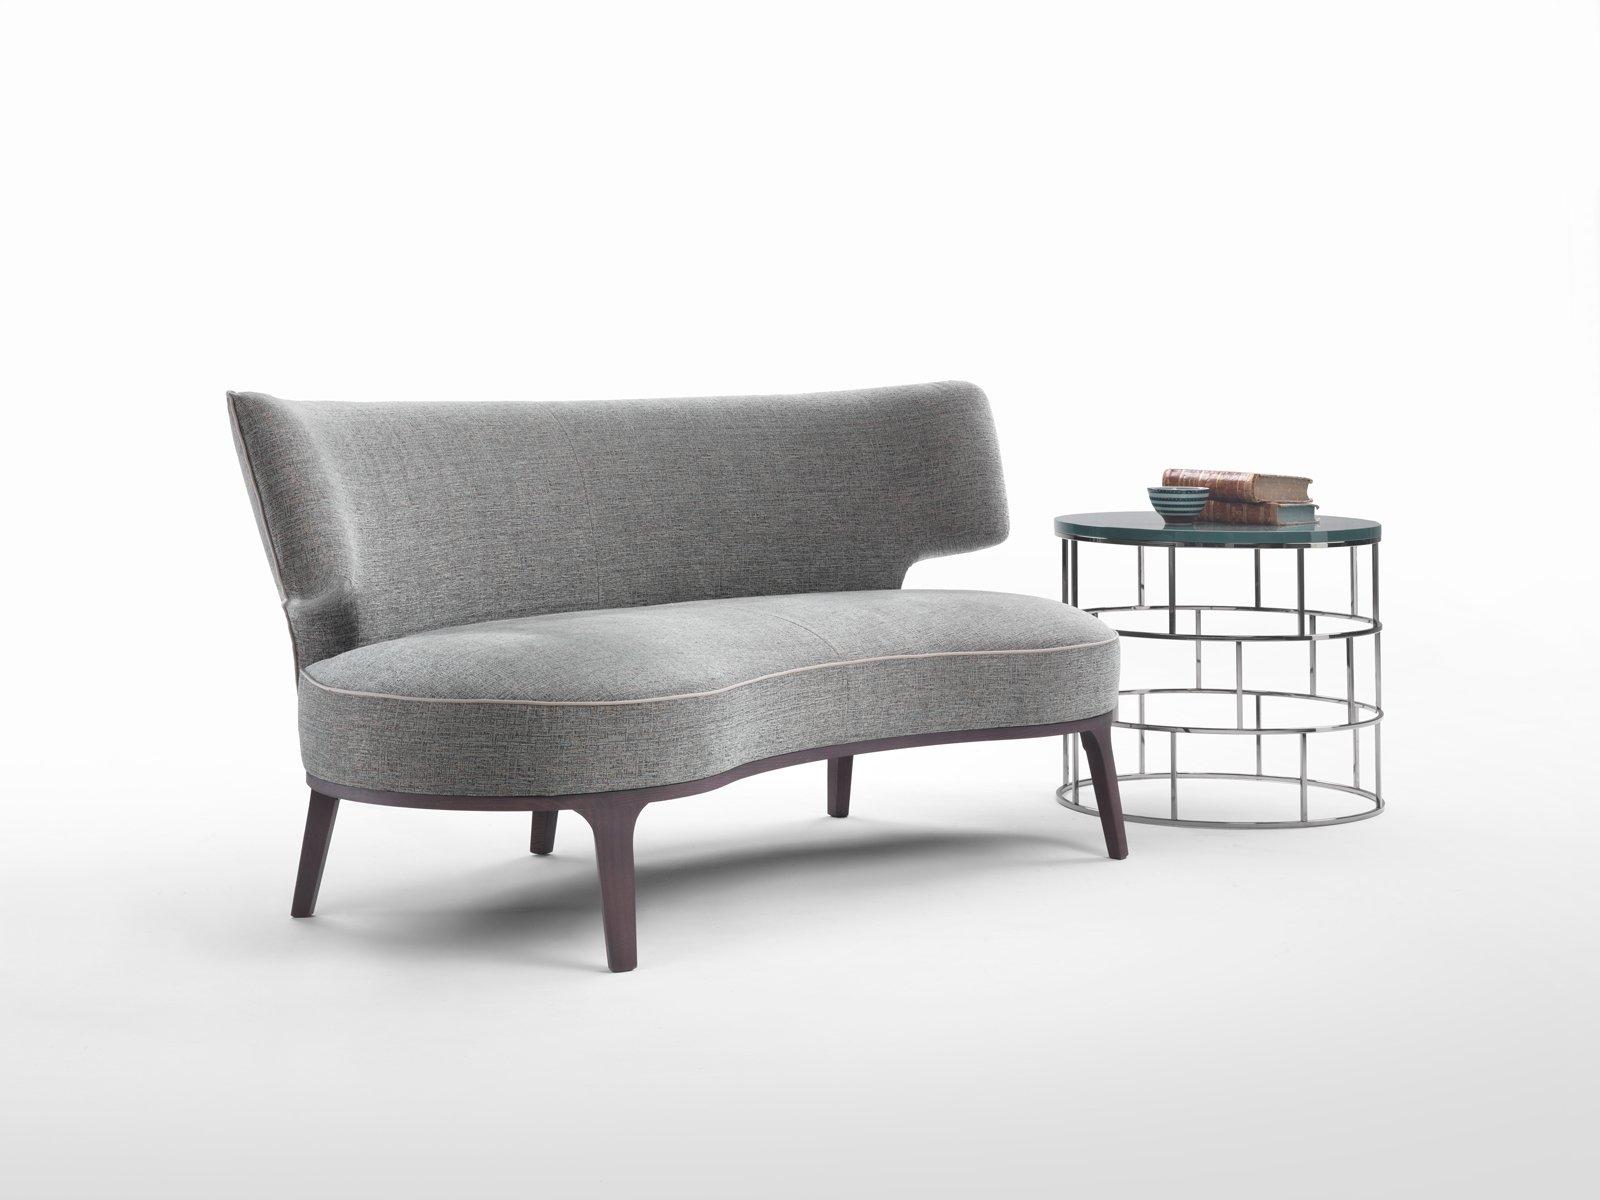 Divani piccoli a due o tre posti design per il relax cose di casa